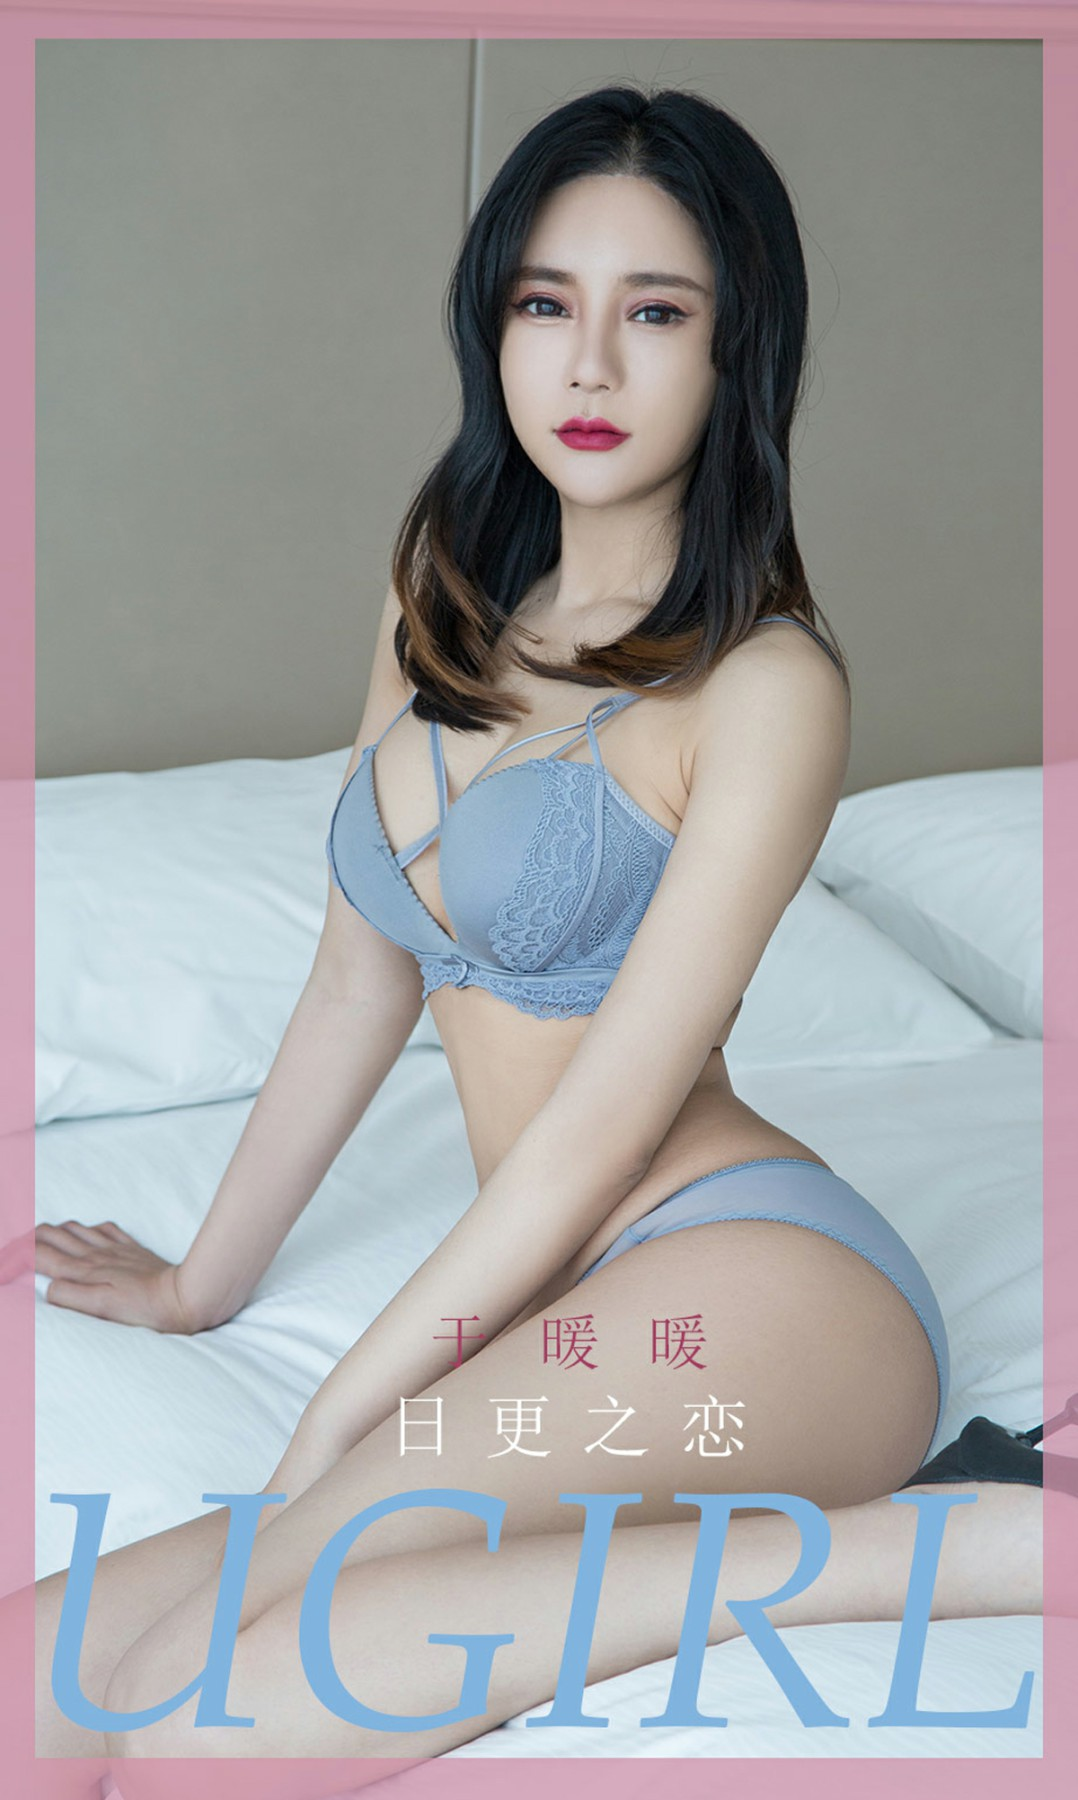 [Ugirls尤果网]爱尤物 2020.06.03 No.1836 王暖暖 日更之恋 第1张